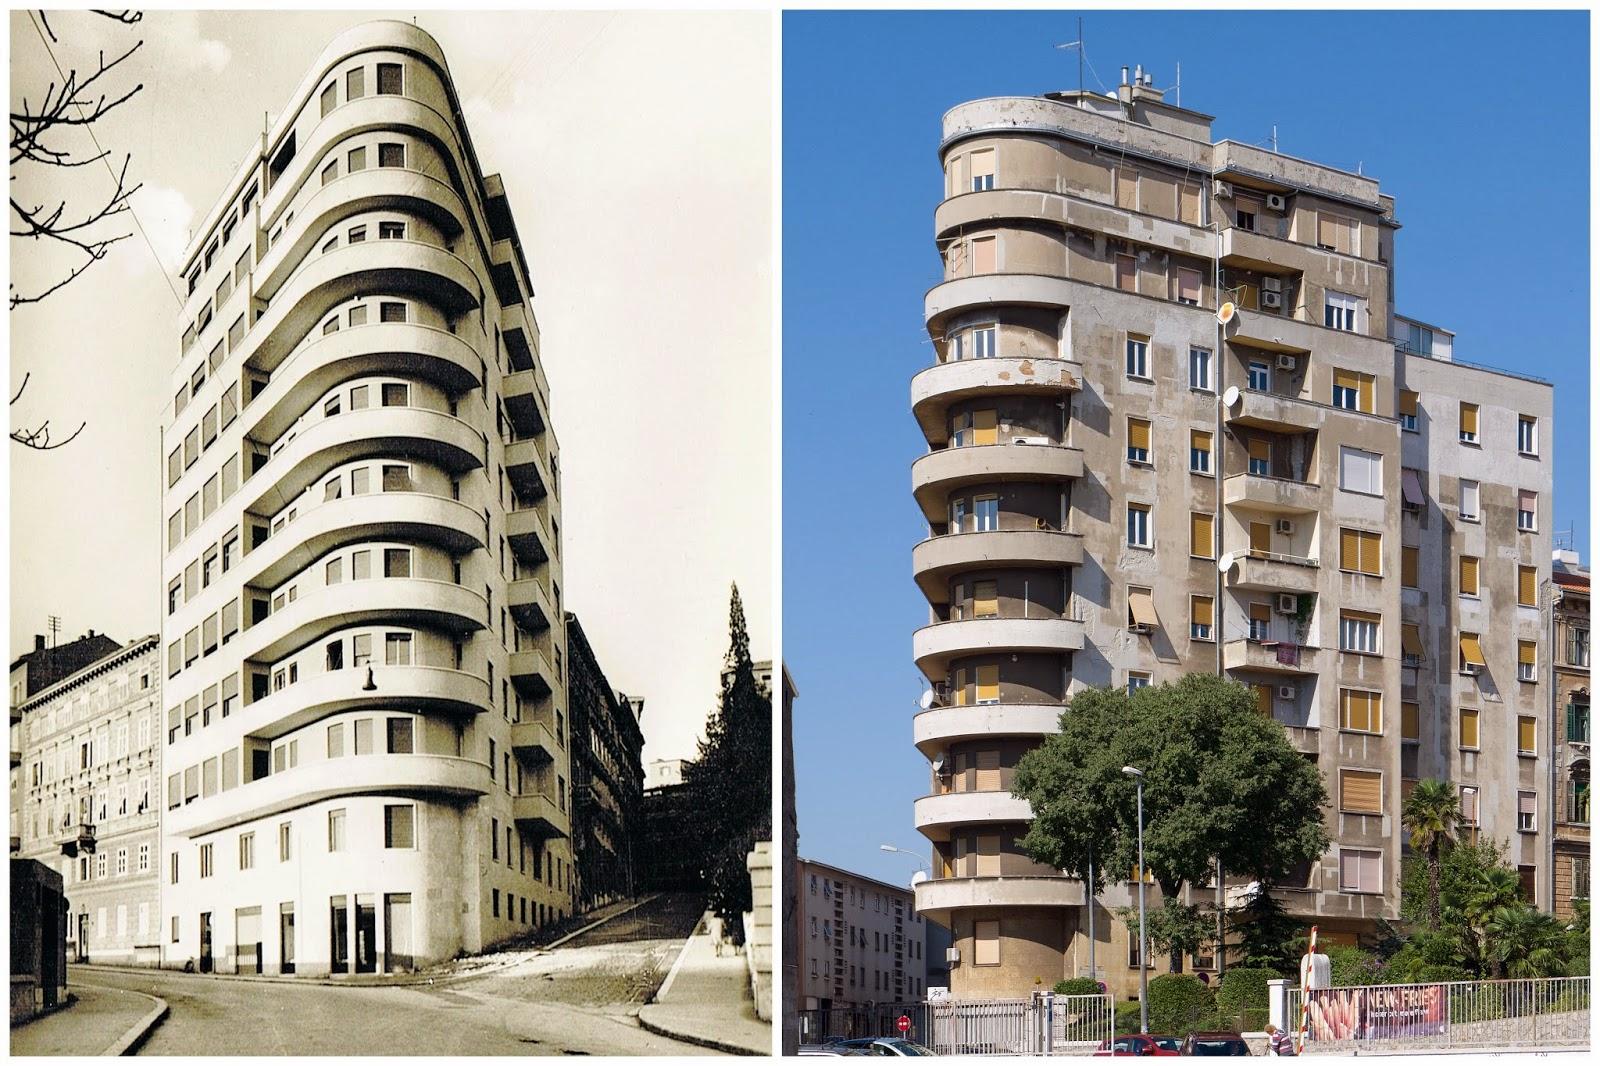 Tra fiume e trieste il grattacielo piccolo di fiume for Architettura fascista in italia